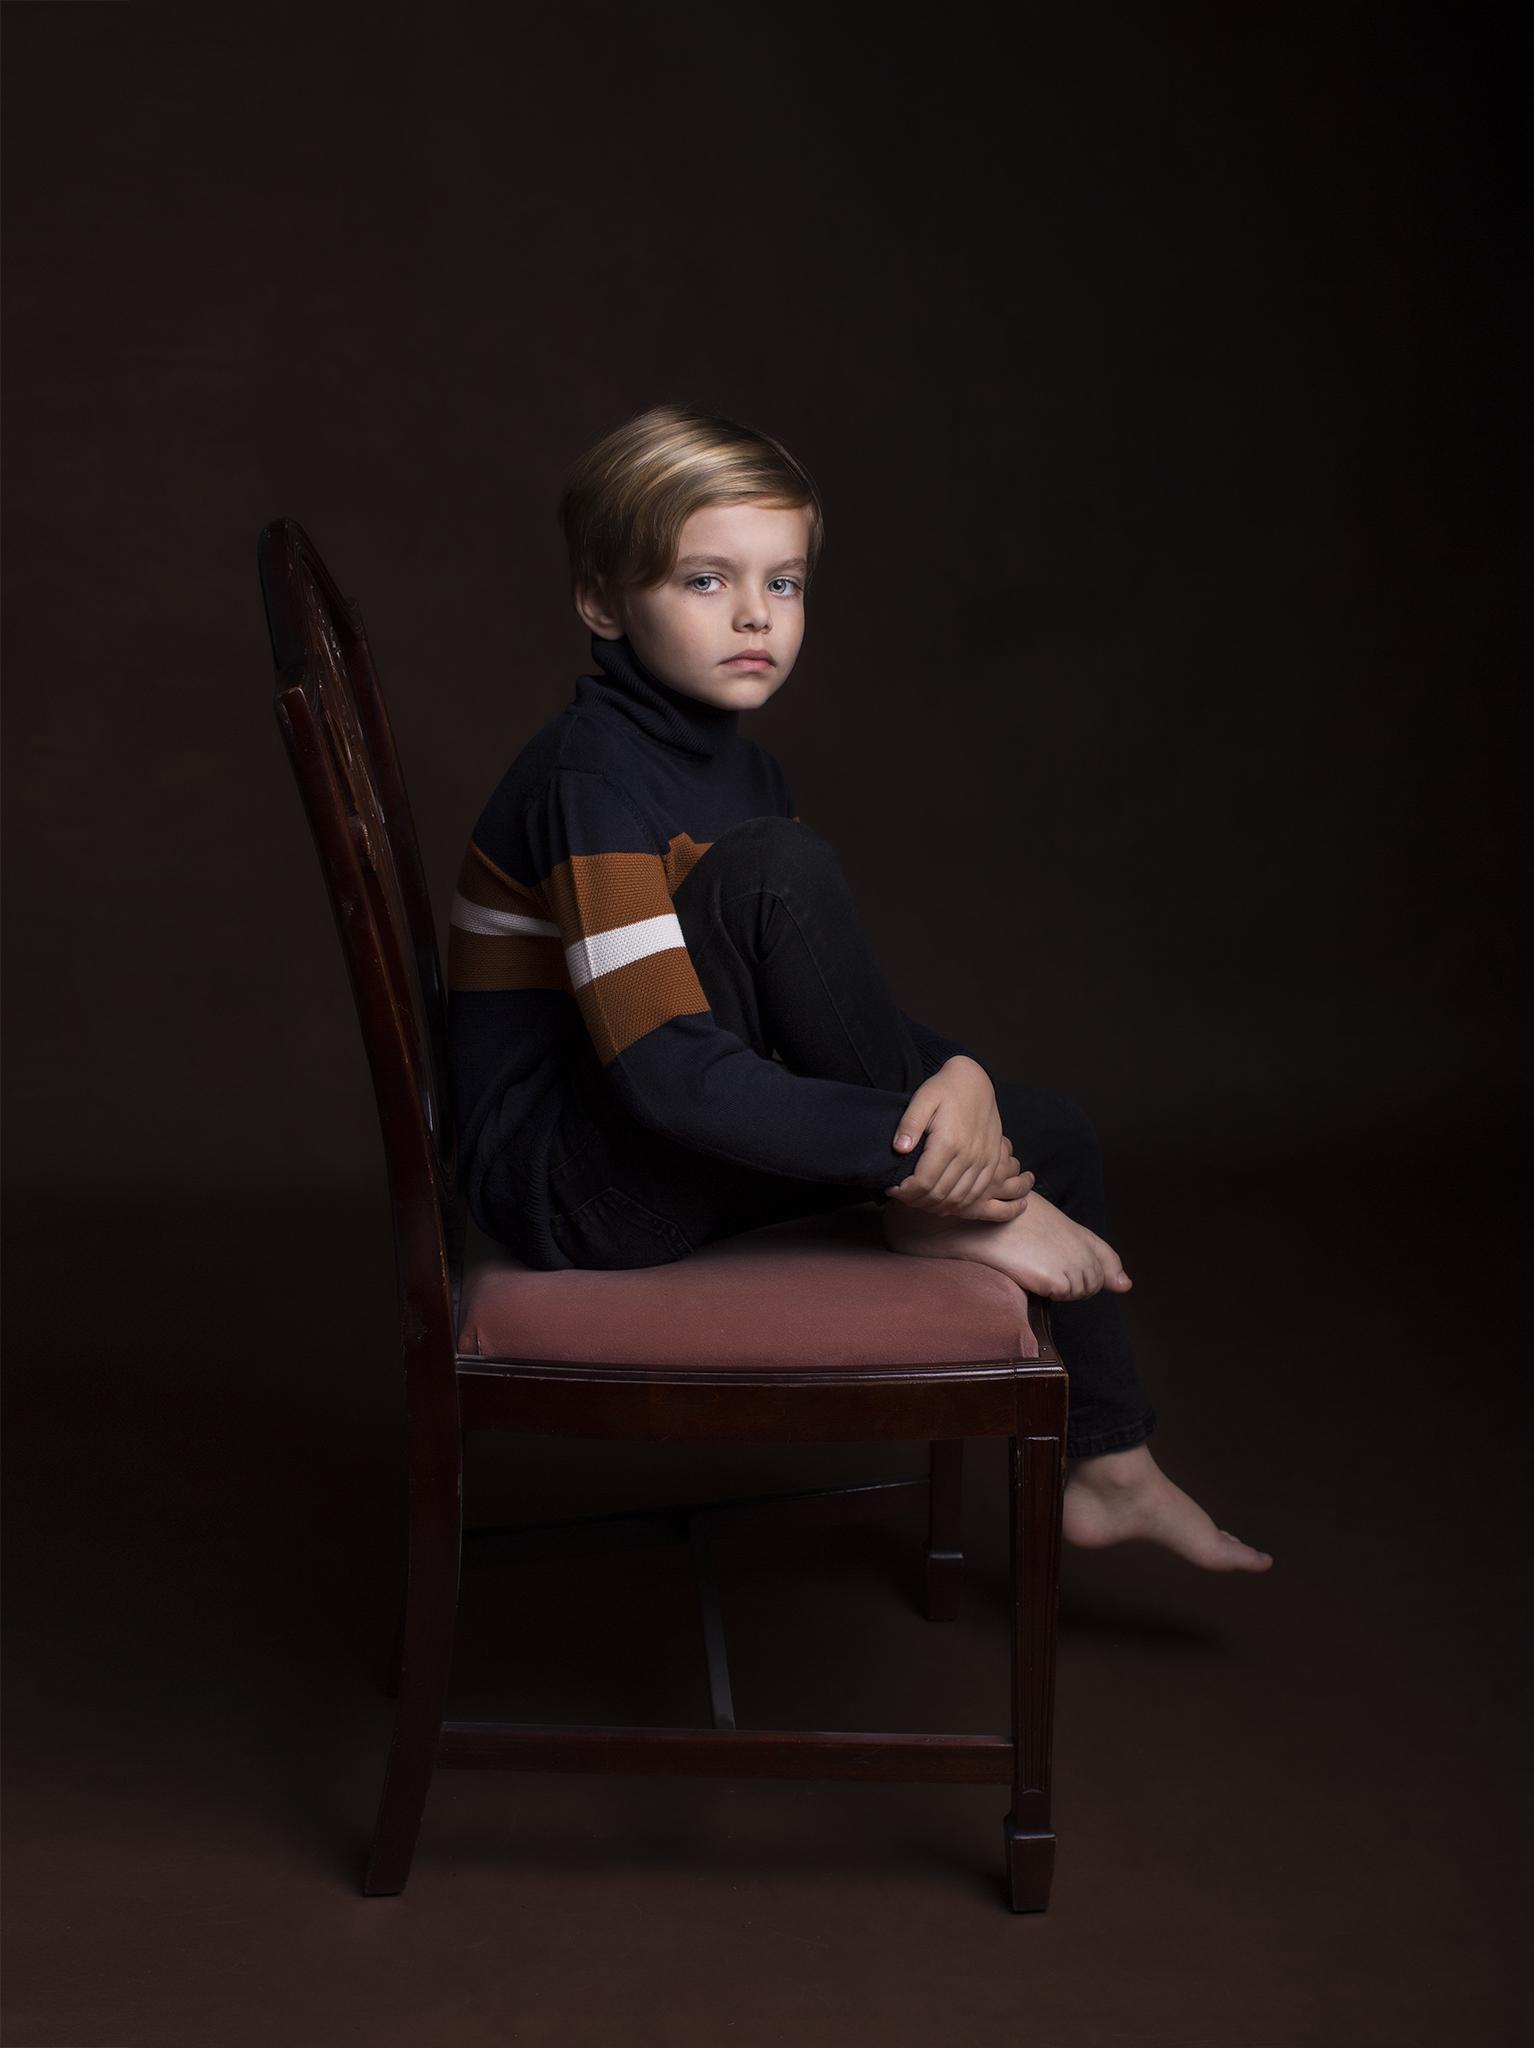 Elizabethg_fineart_portrait_photography_will_kidslondon_002.jpg